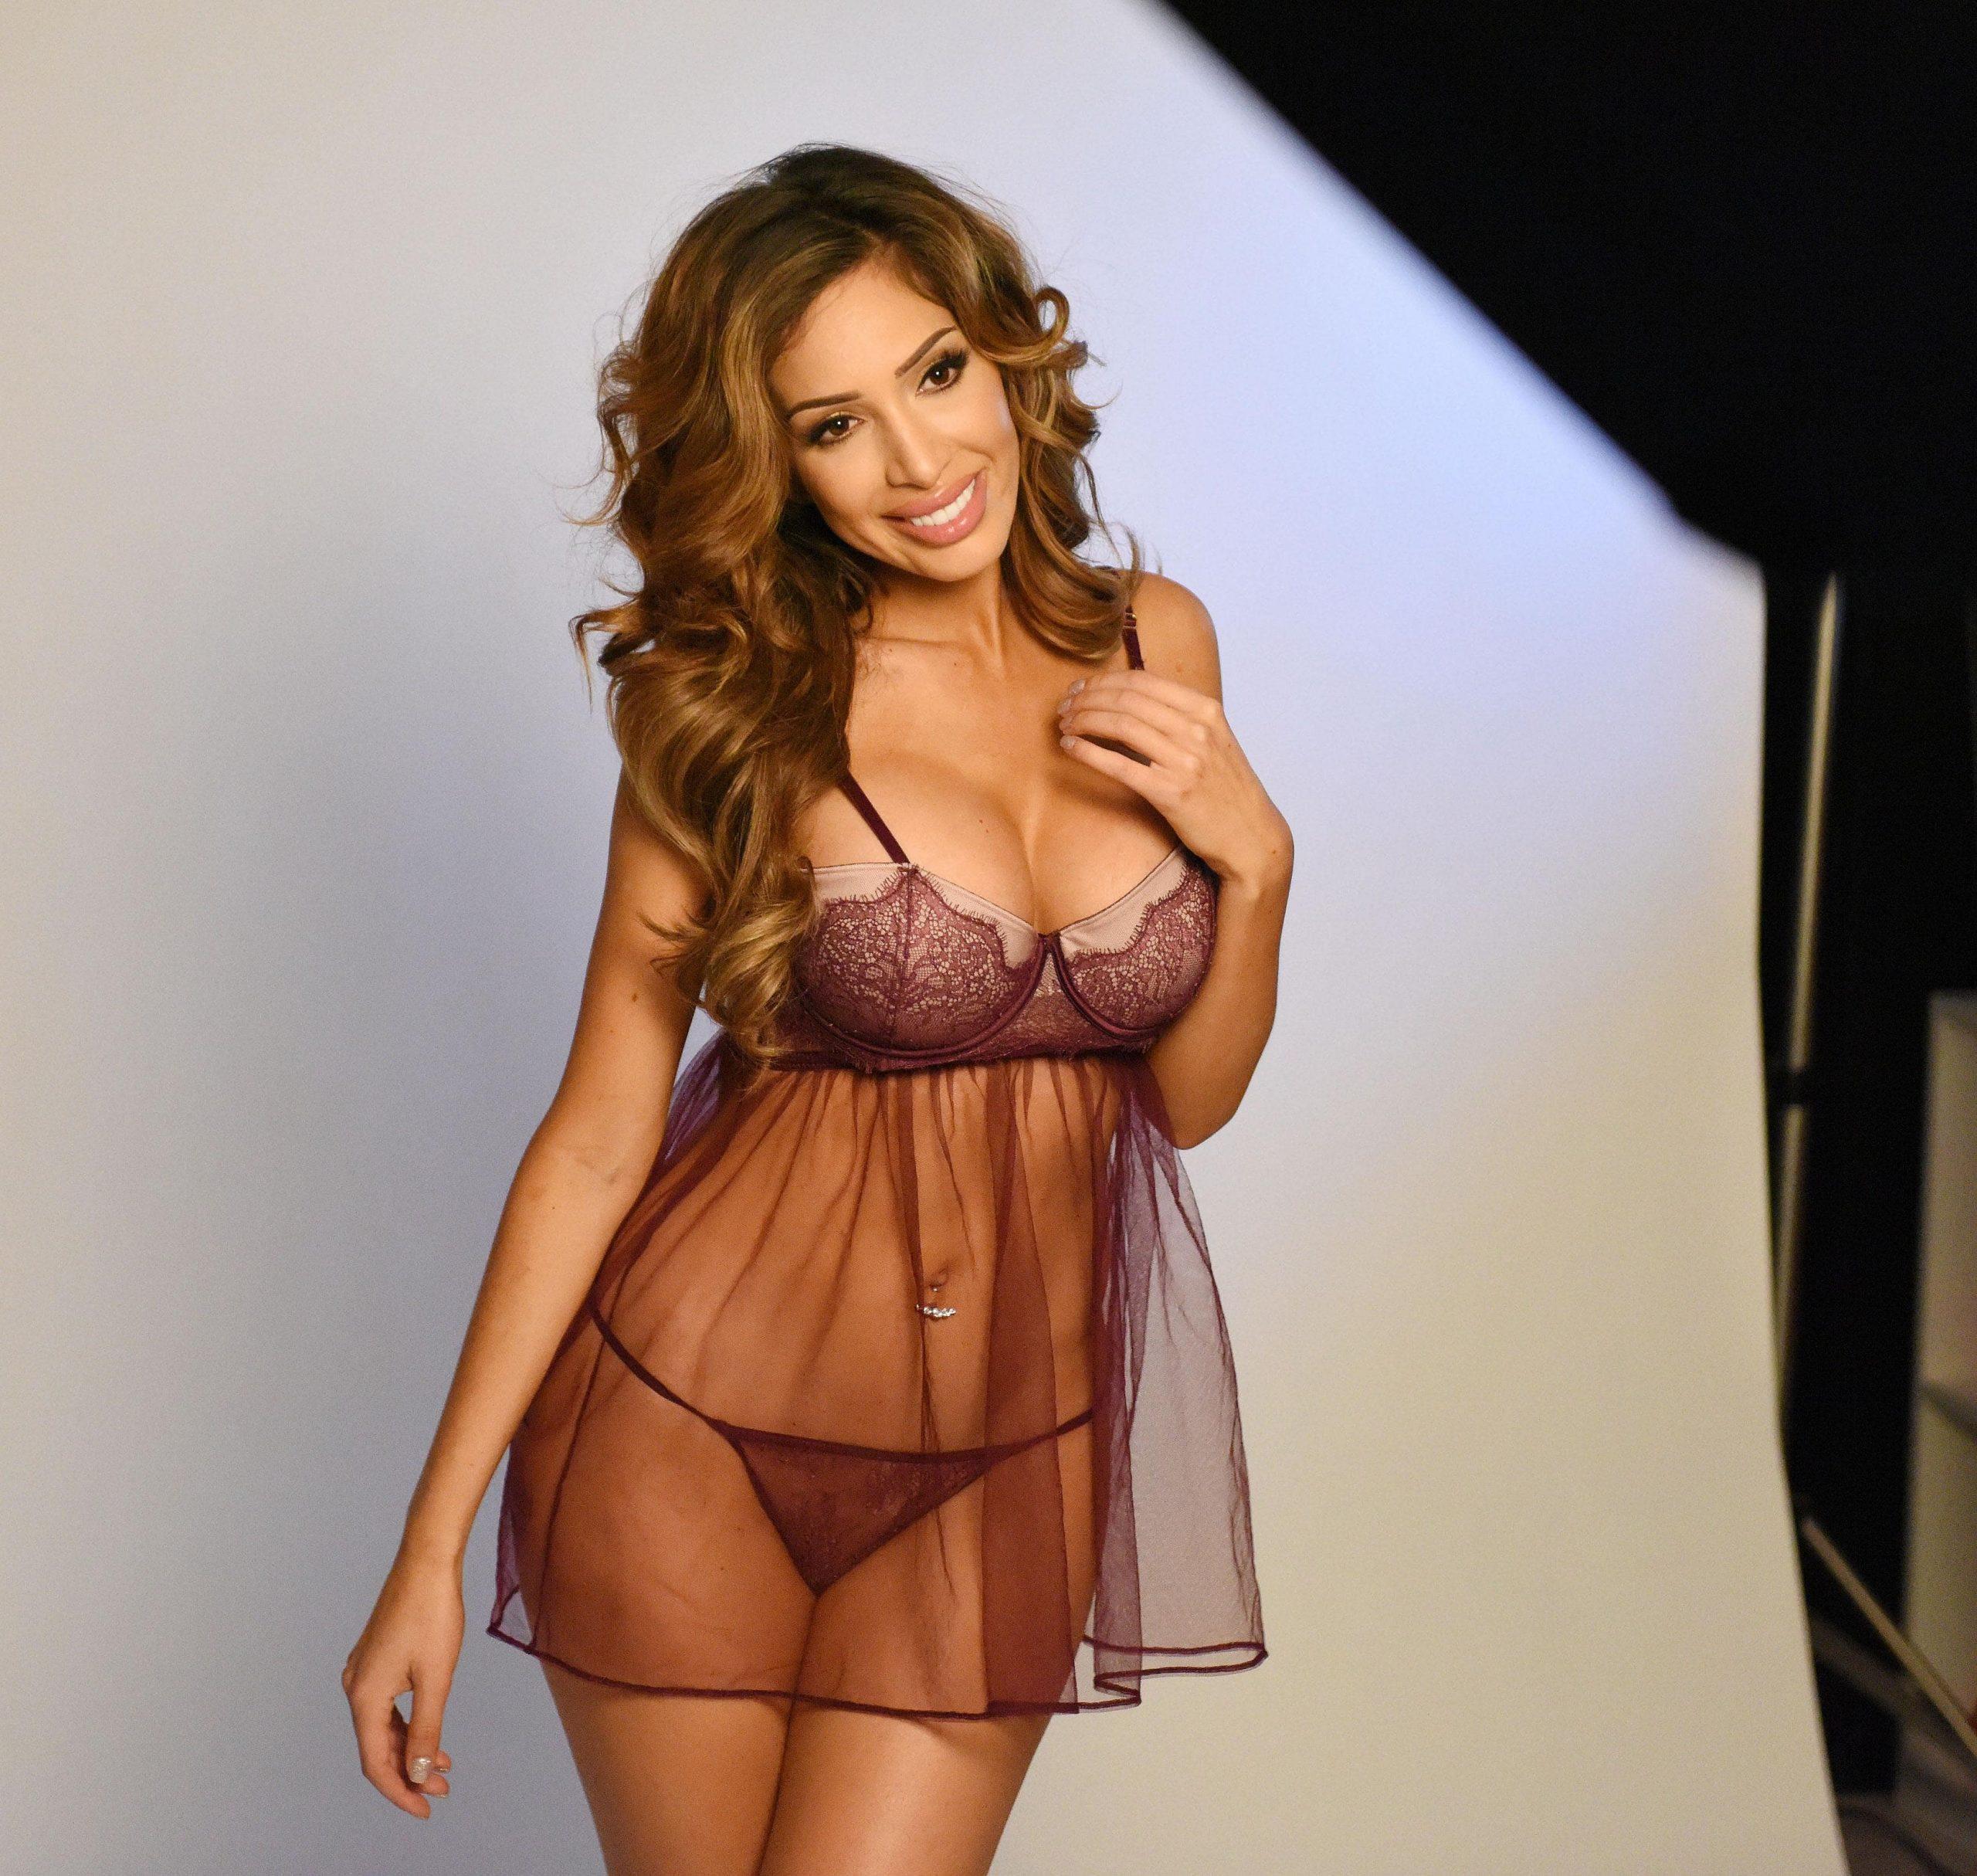 Farrah Abraham hot lingerie pics